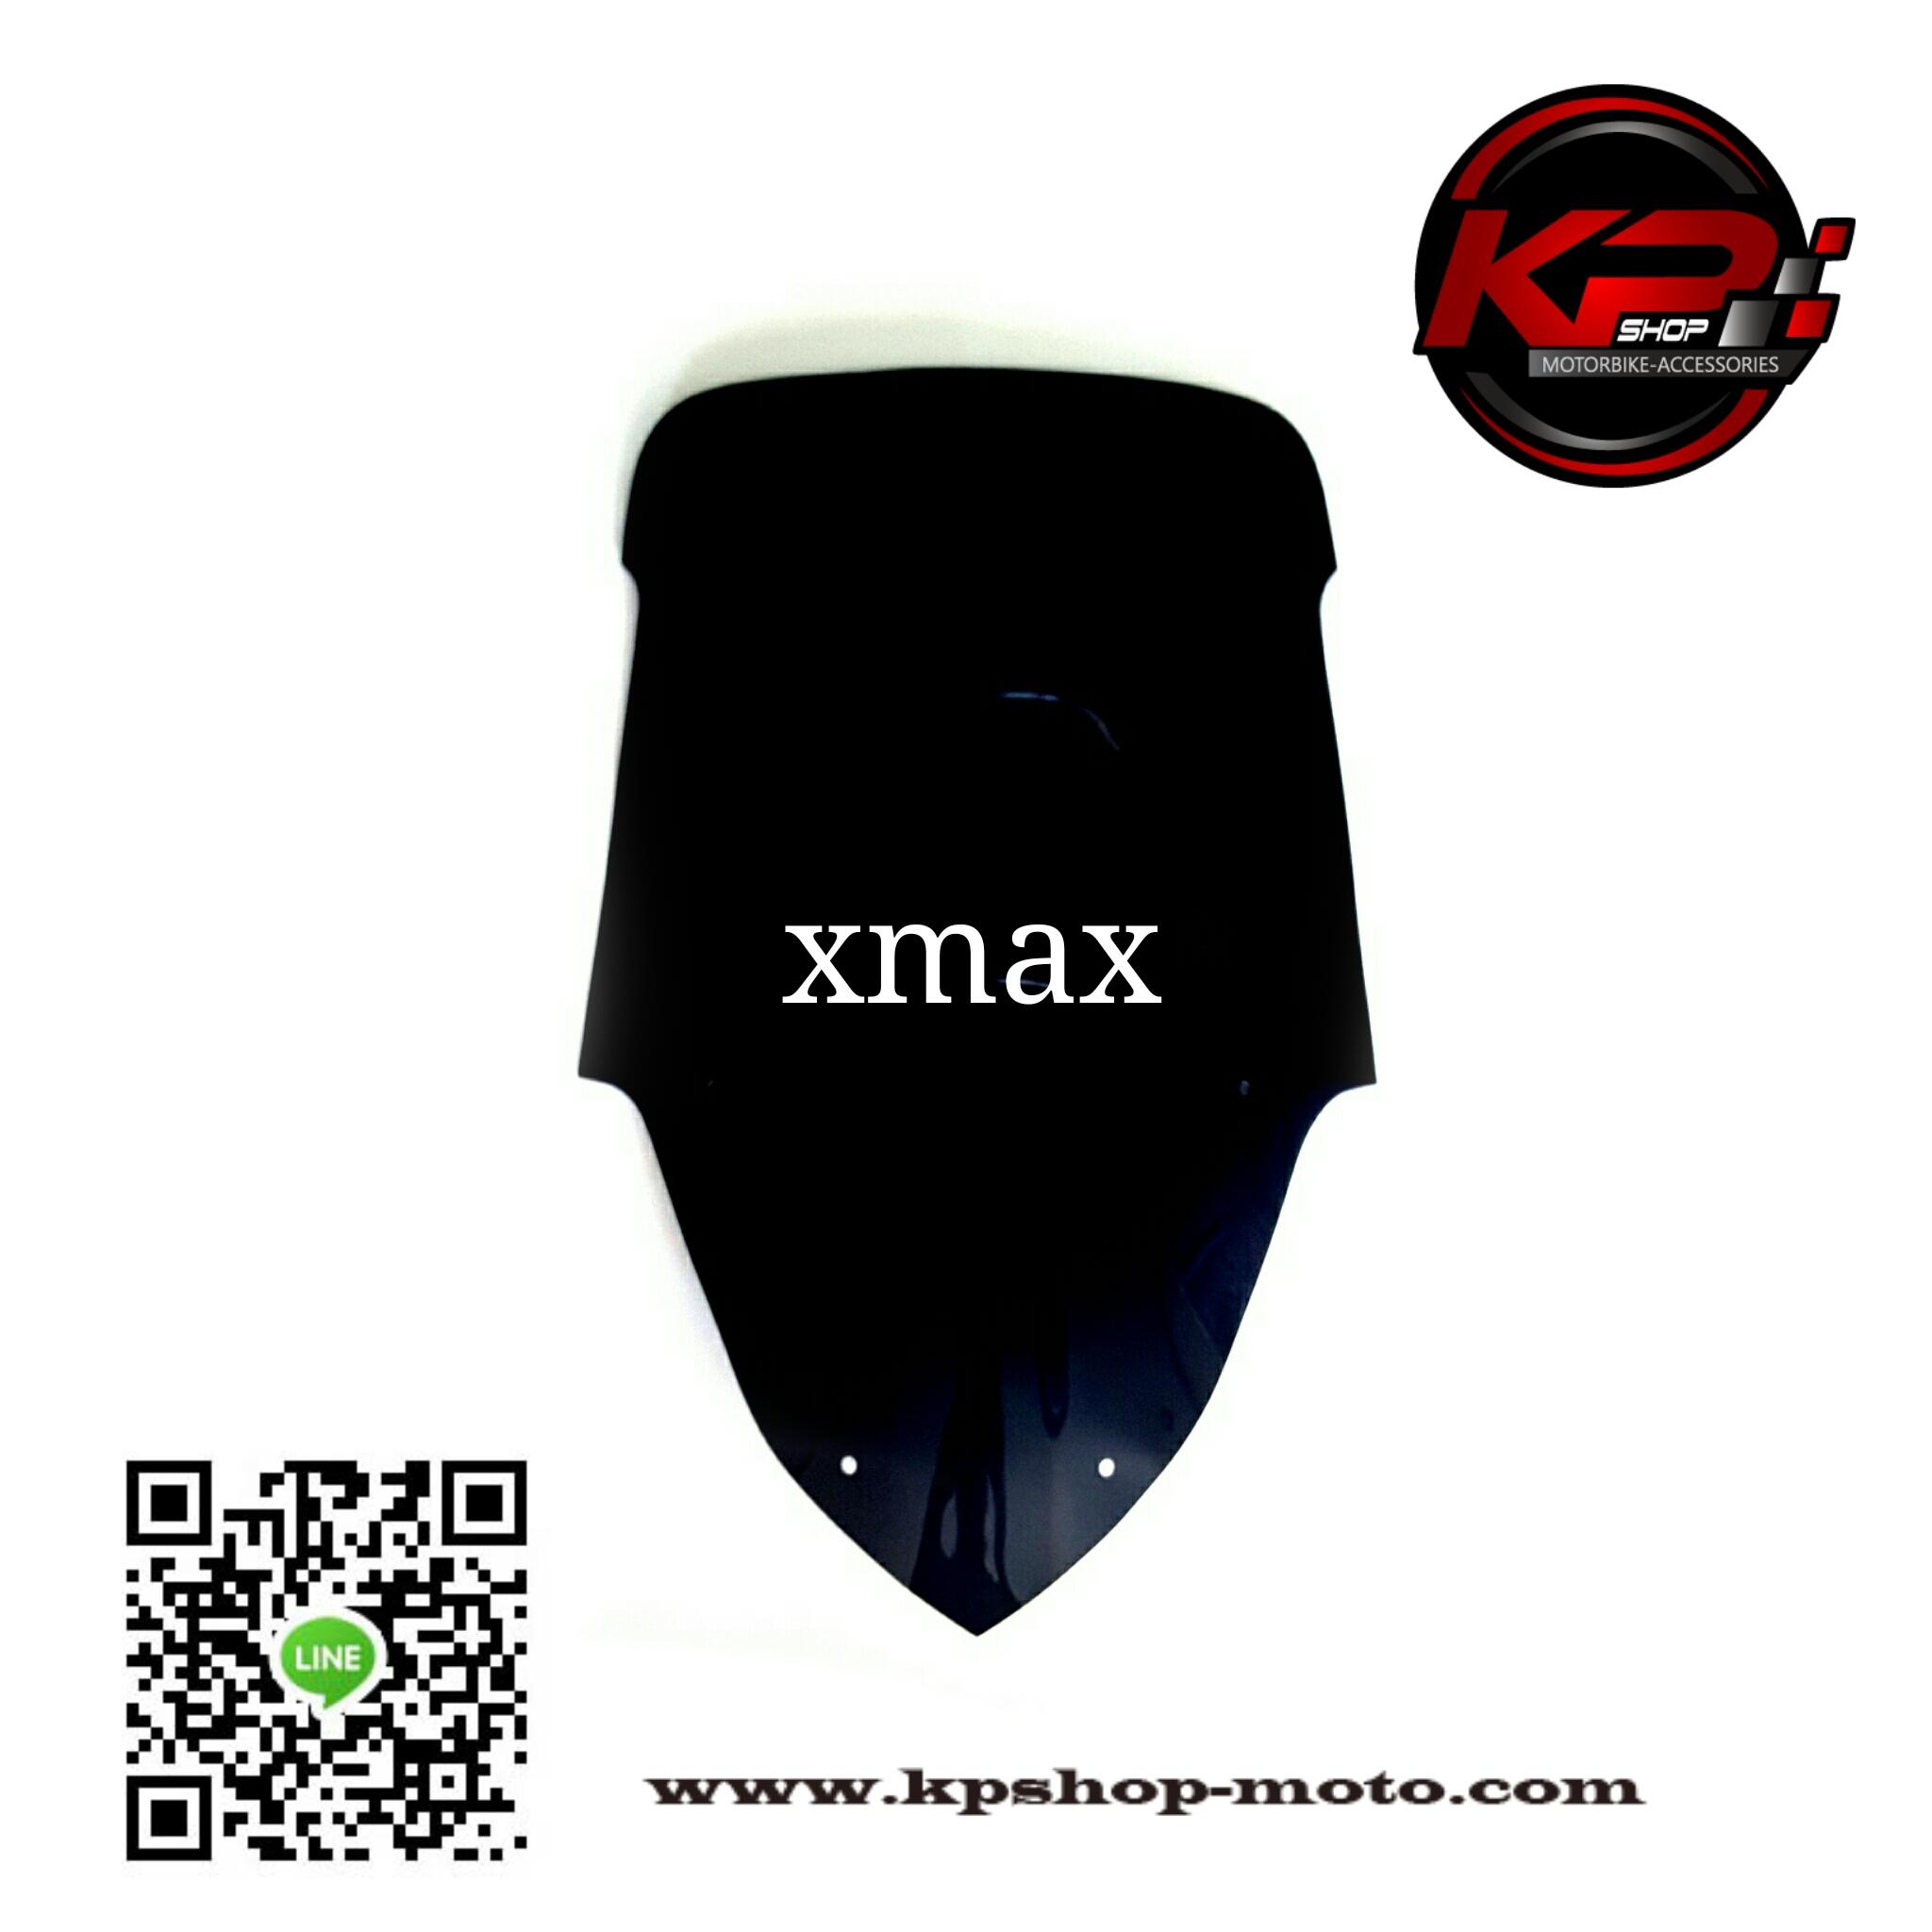 ชิวหน้า xmax ทรงสูง